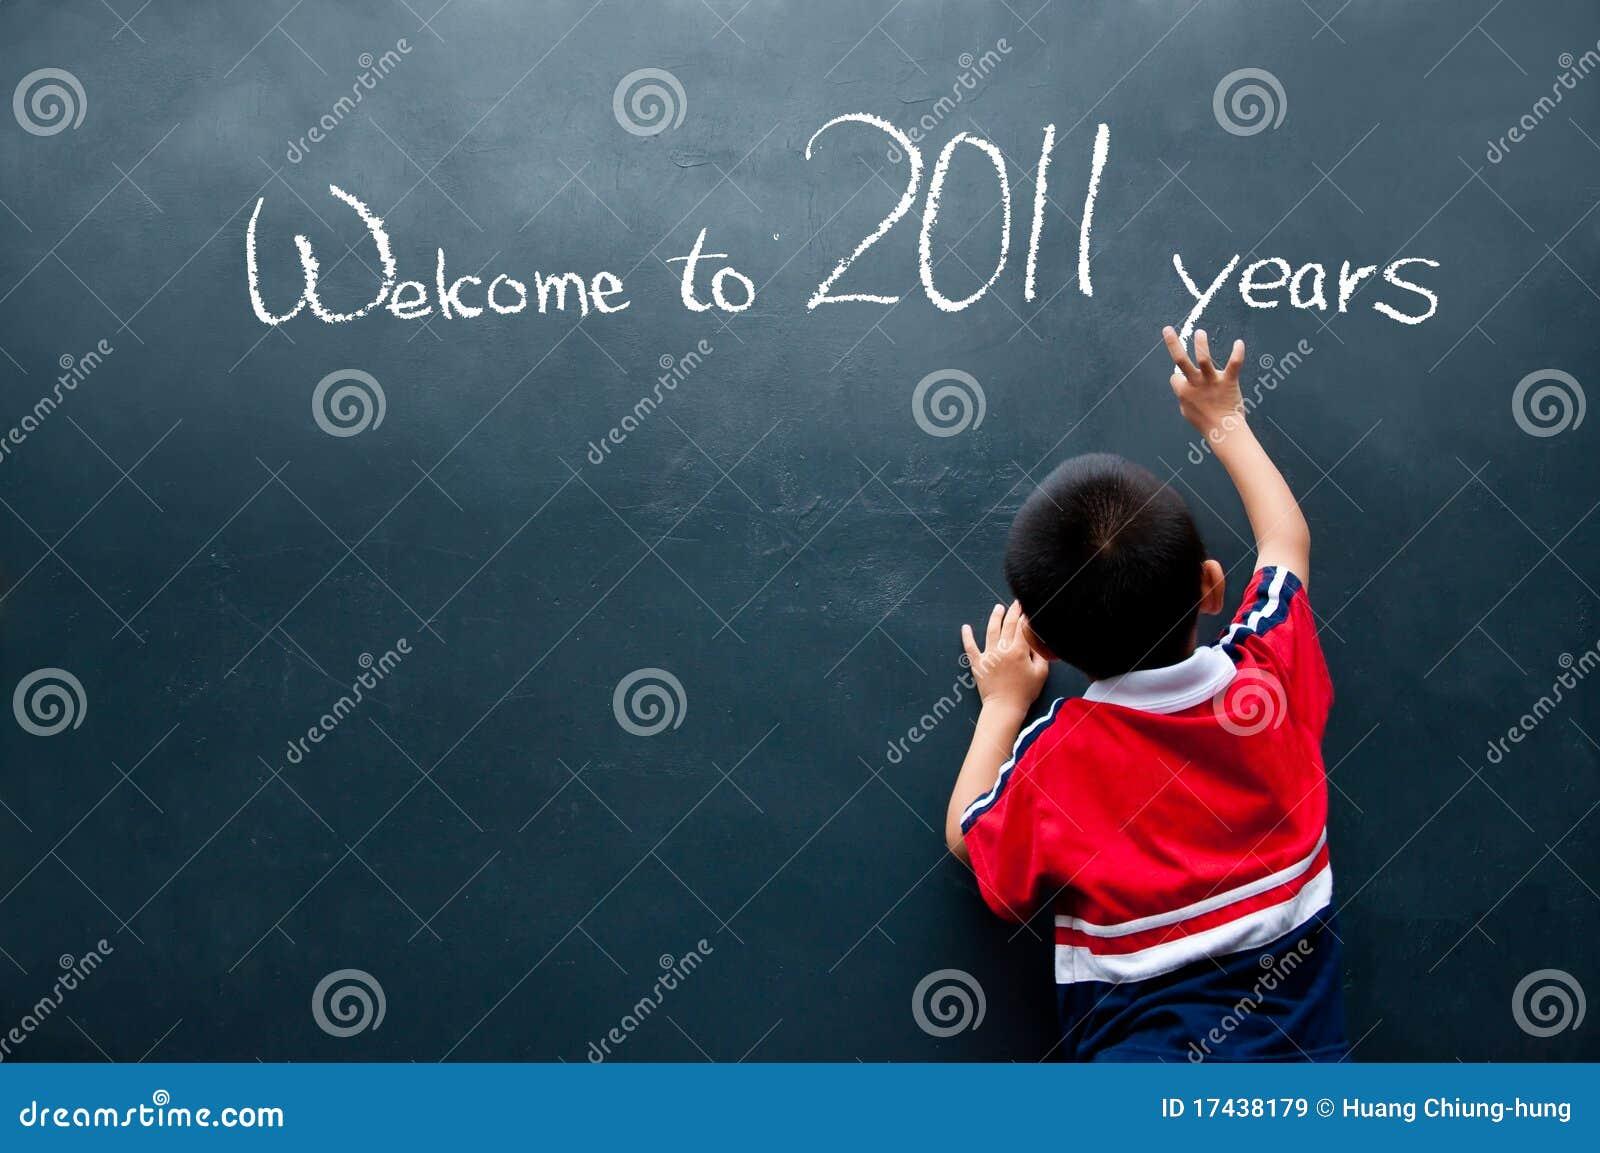 Boa vinda a 2011 anos